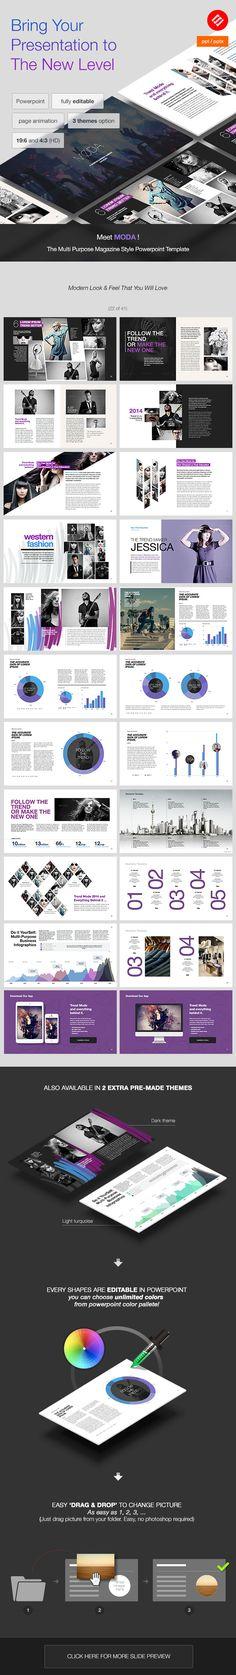 Diseño, Identidad, Comunicación, Publicidad